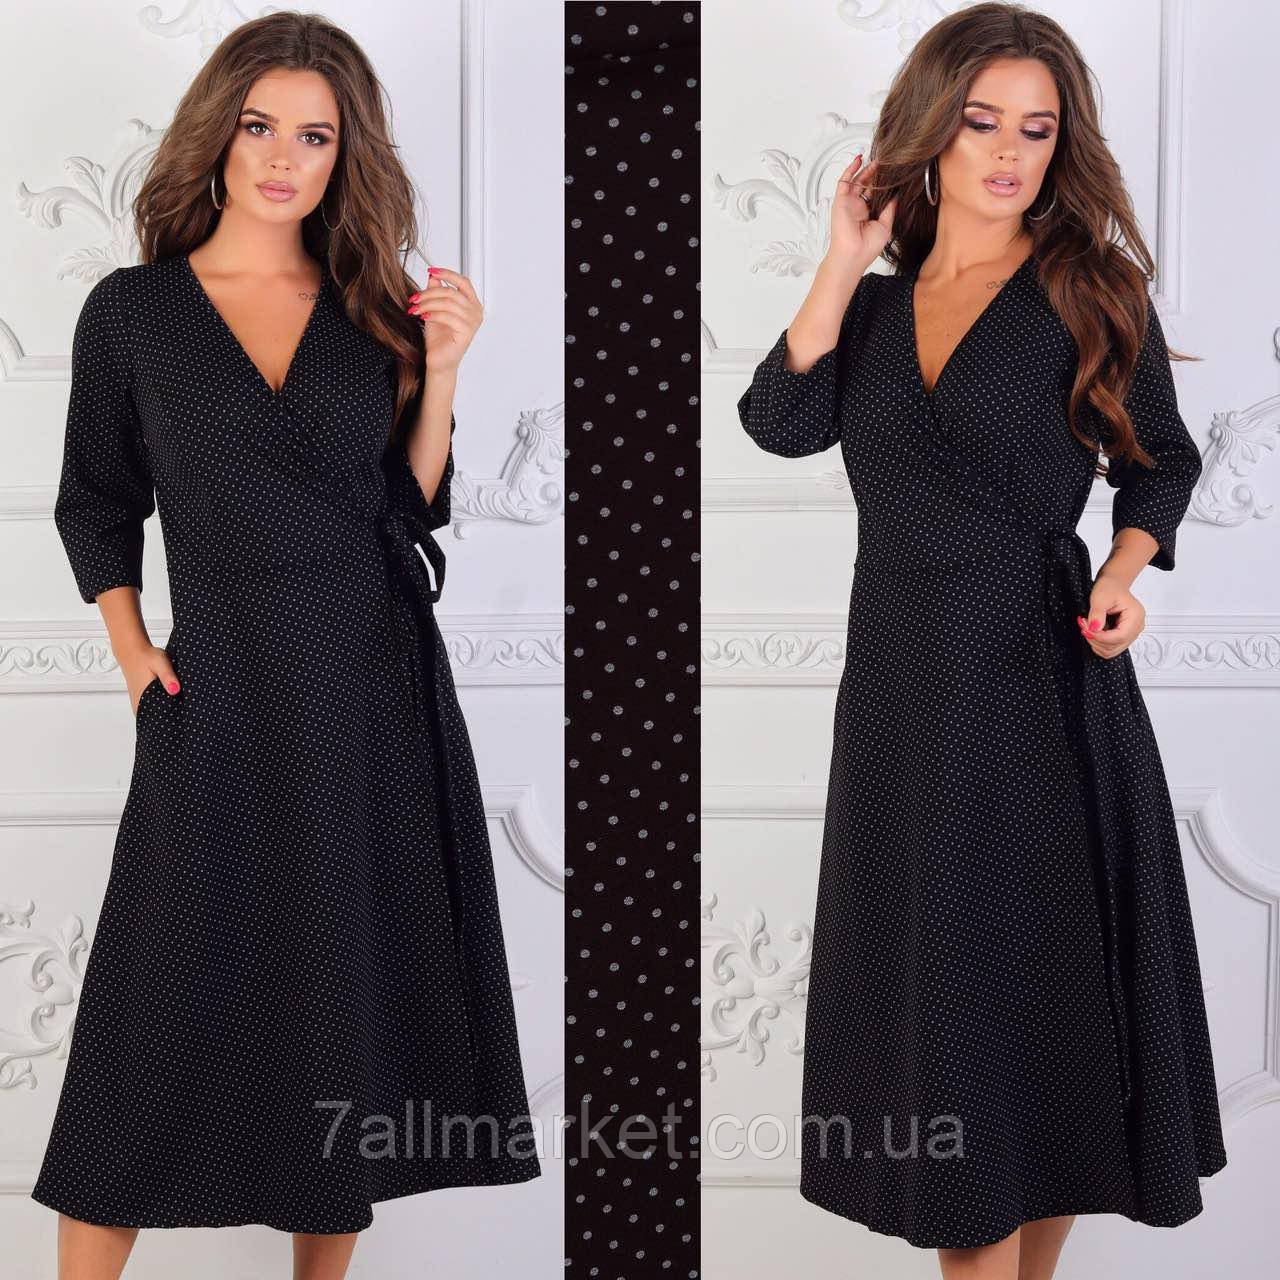 3f42a159457 Платье женское трикотажное на запах размеры 42-48 (2 цвета) Серия